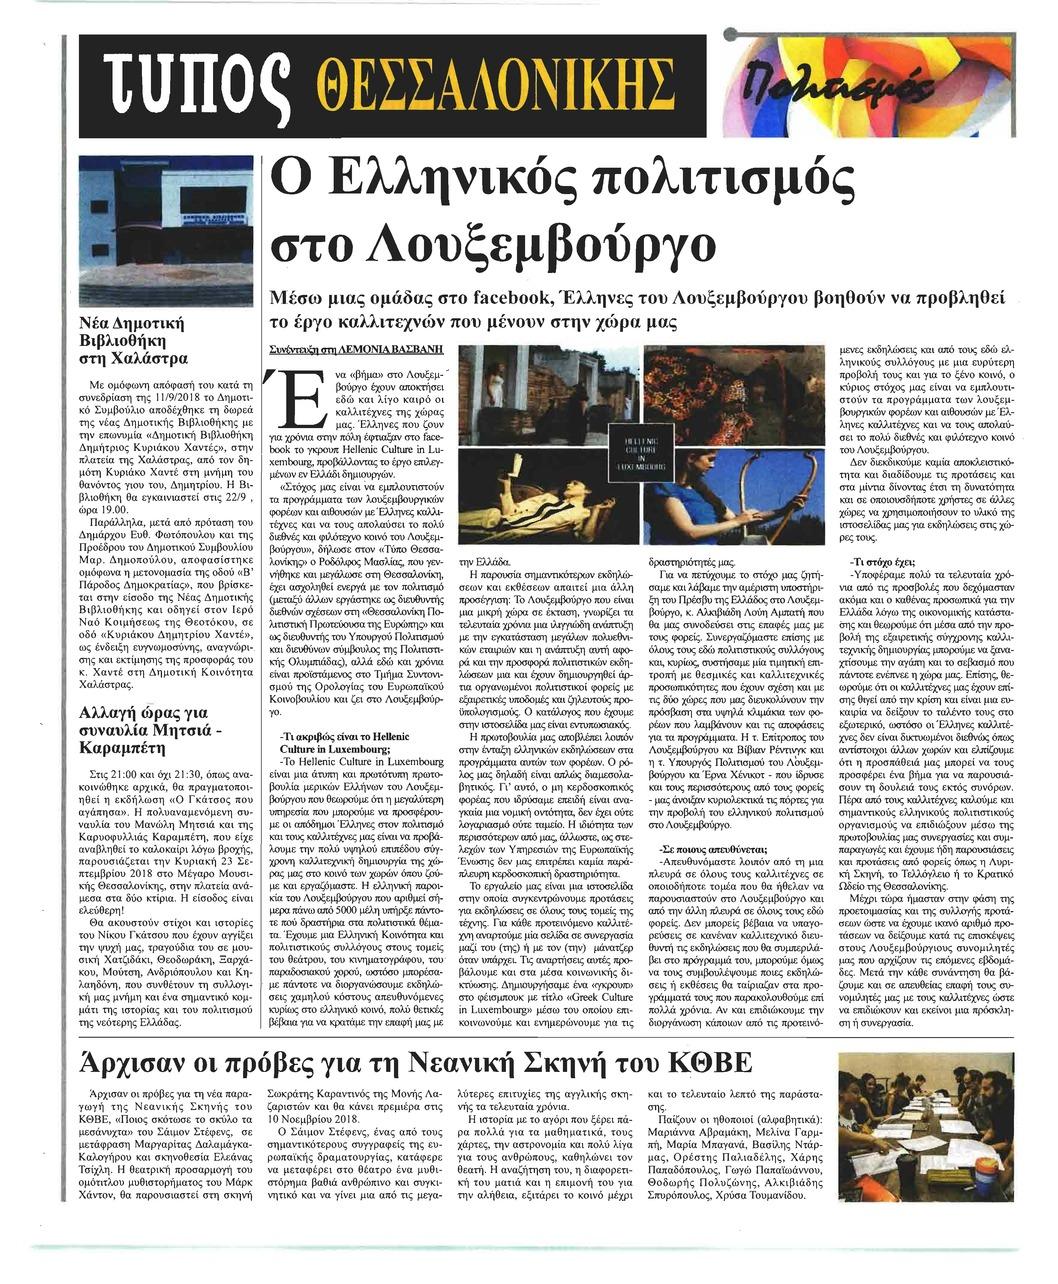 Οπισθόφυλλο εφημερίδας Τύπος Θεσσαλονίκης